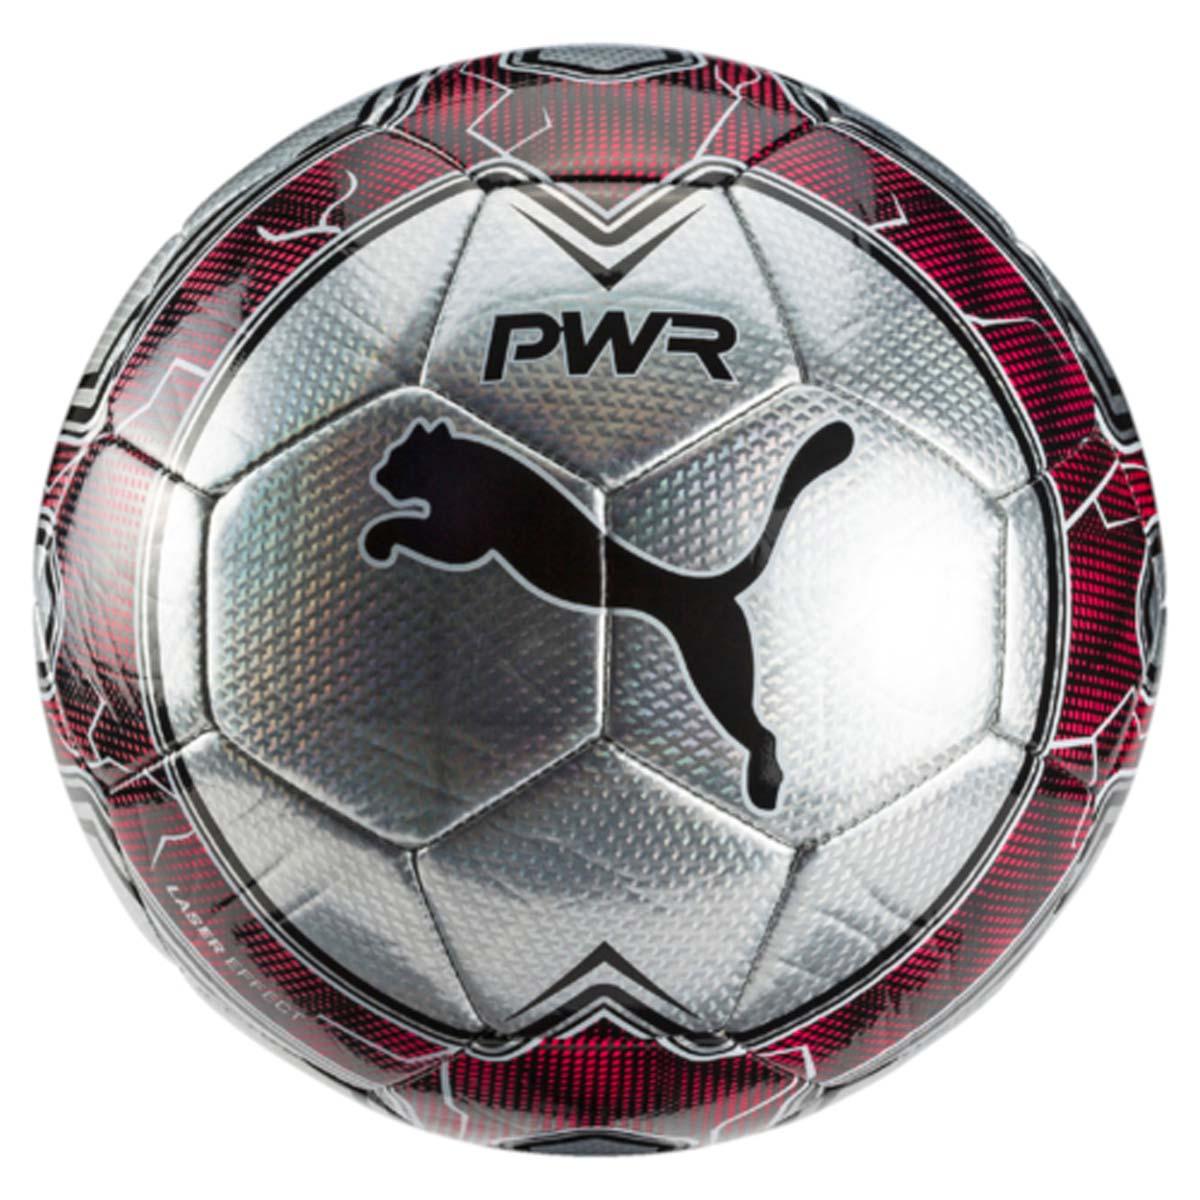 Мяч футбольный Puma Evopower Vigor Graphic 4, цвет: серебристый. 08273738. Размер 5